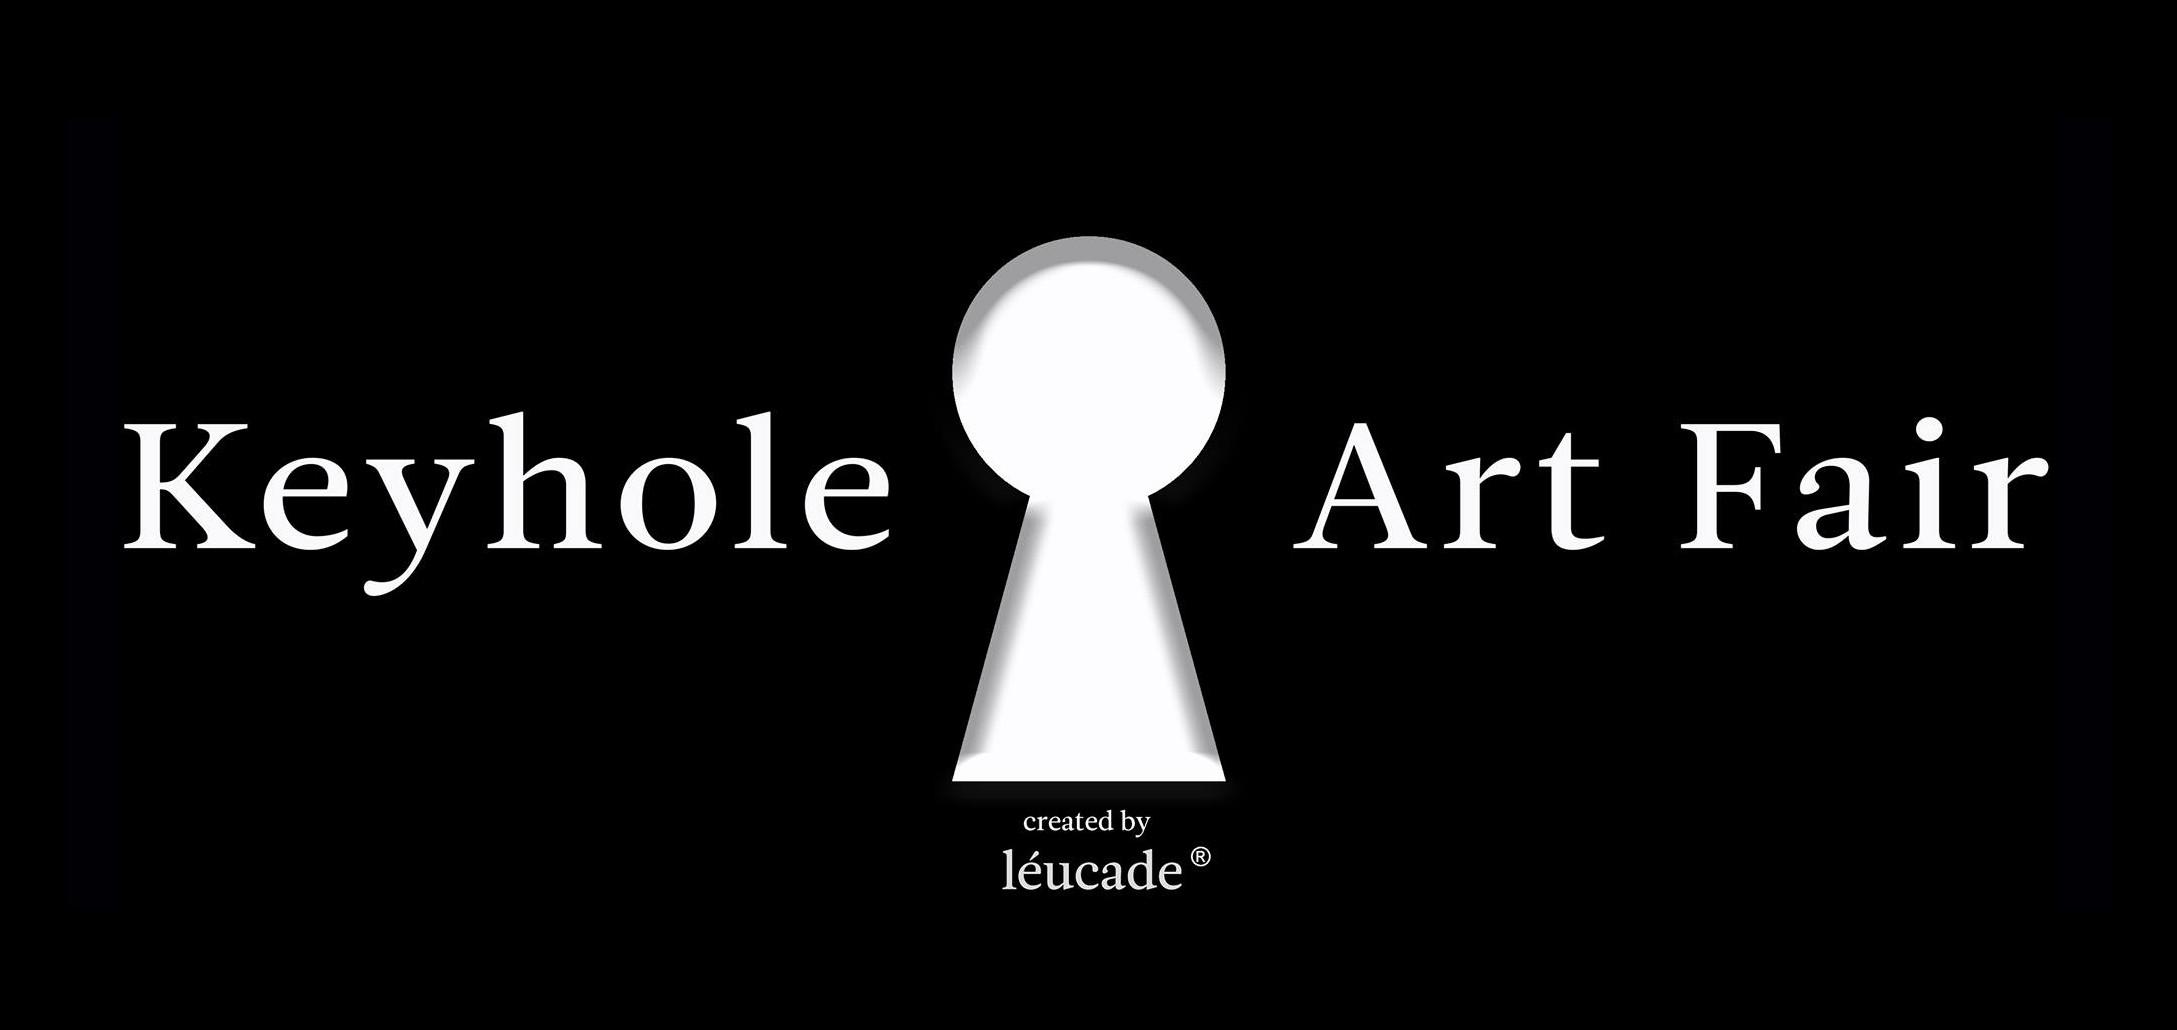 Keyhole Art Fair